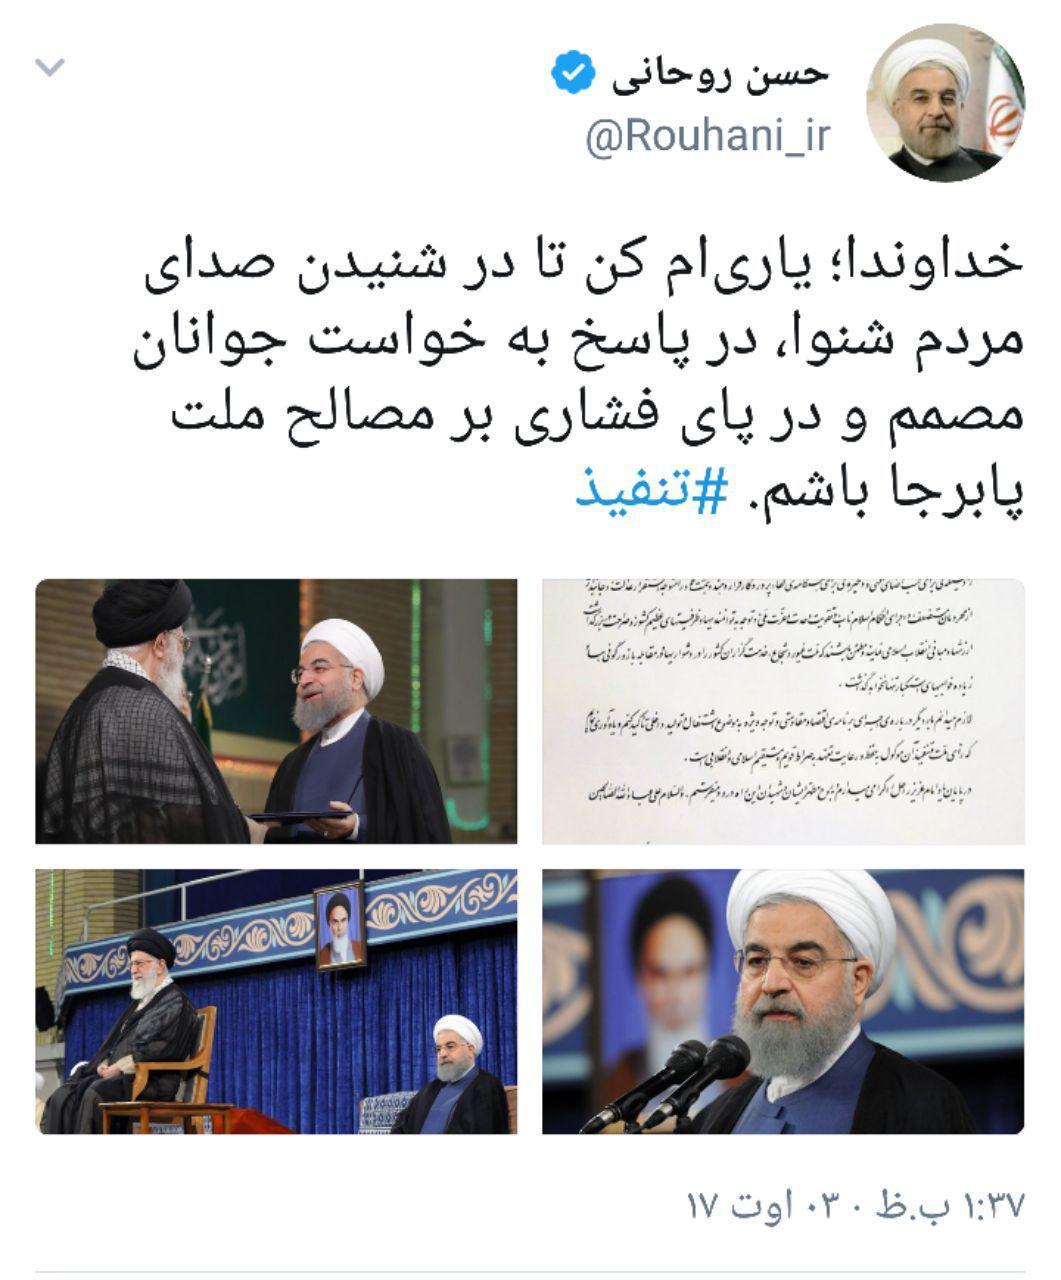 توییت حسن روجانی